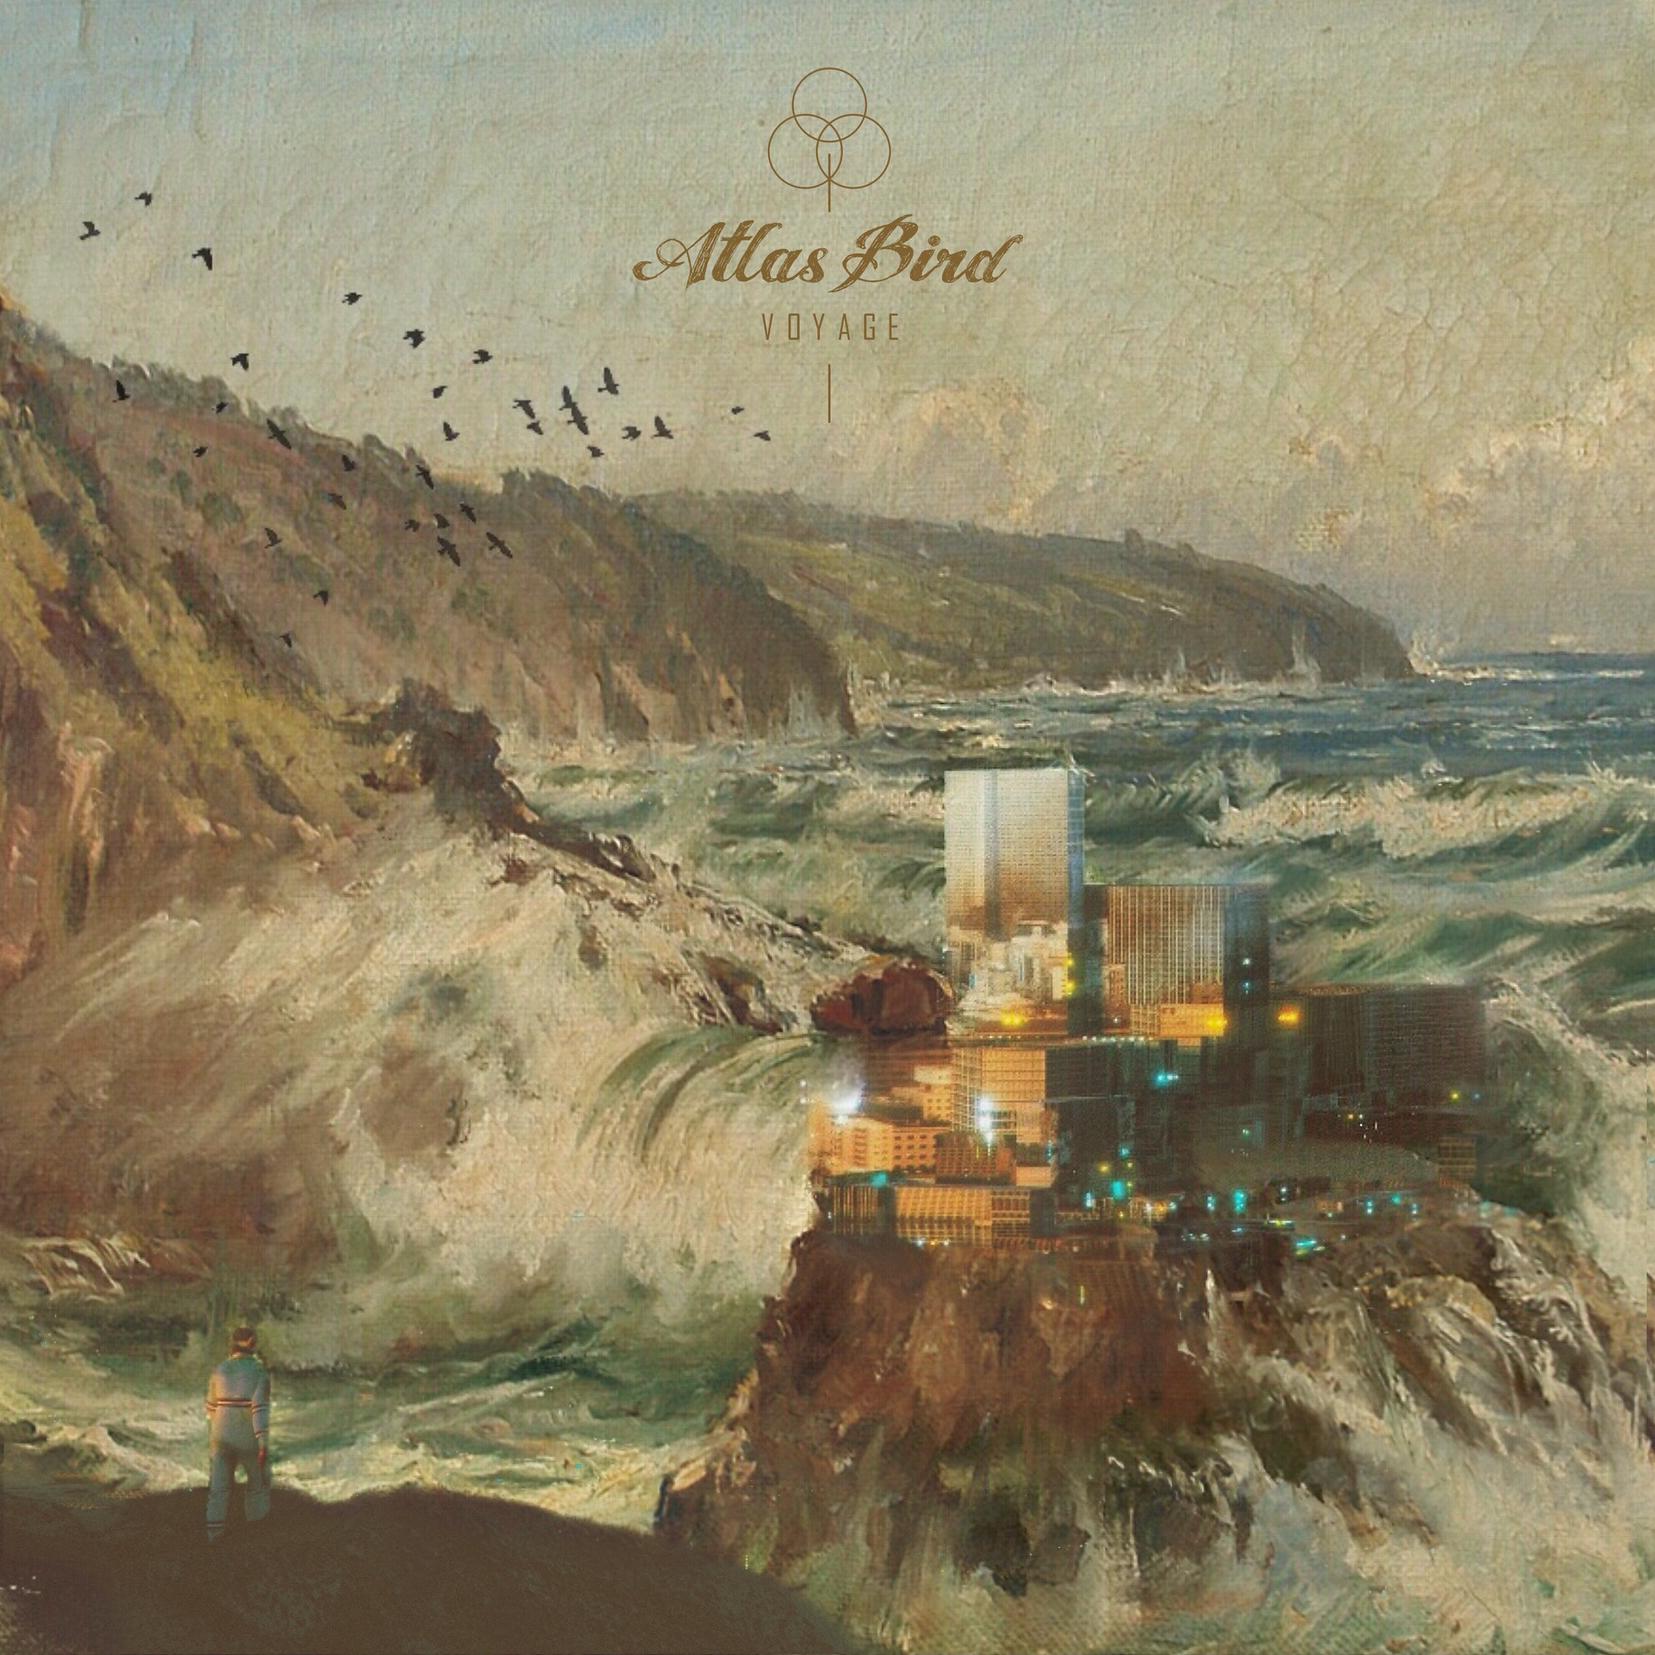 ATLAS BIRD - Voyage Cover